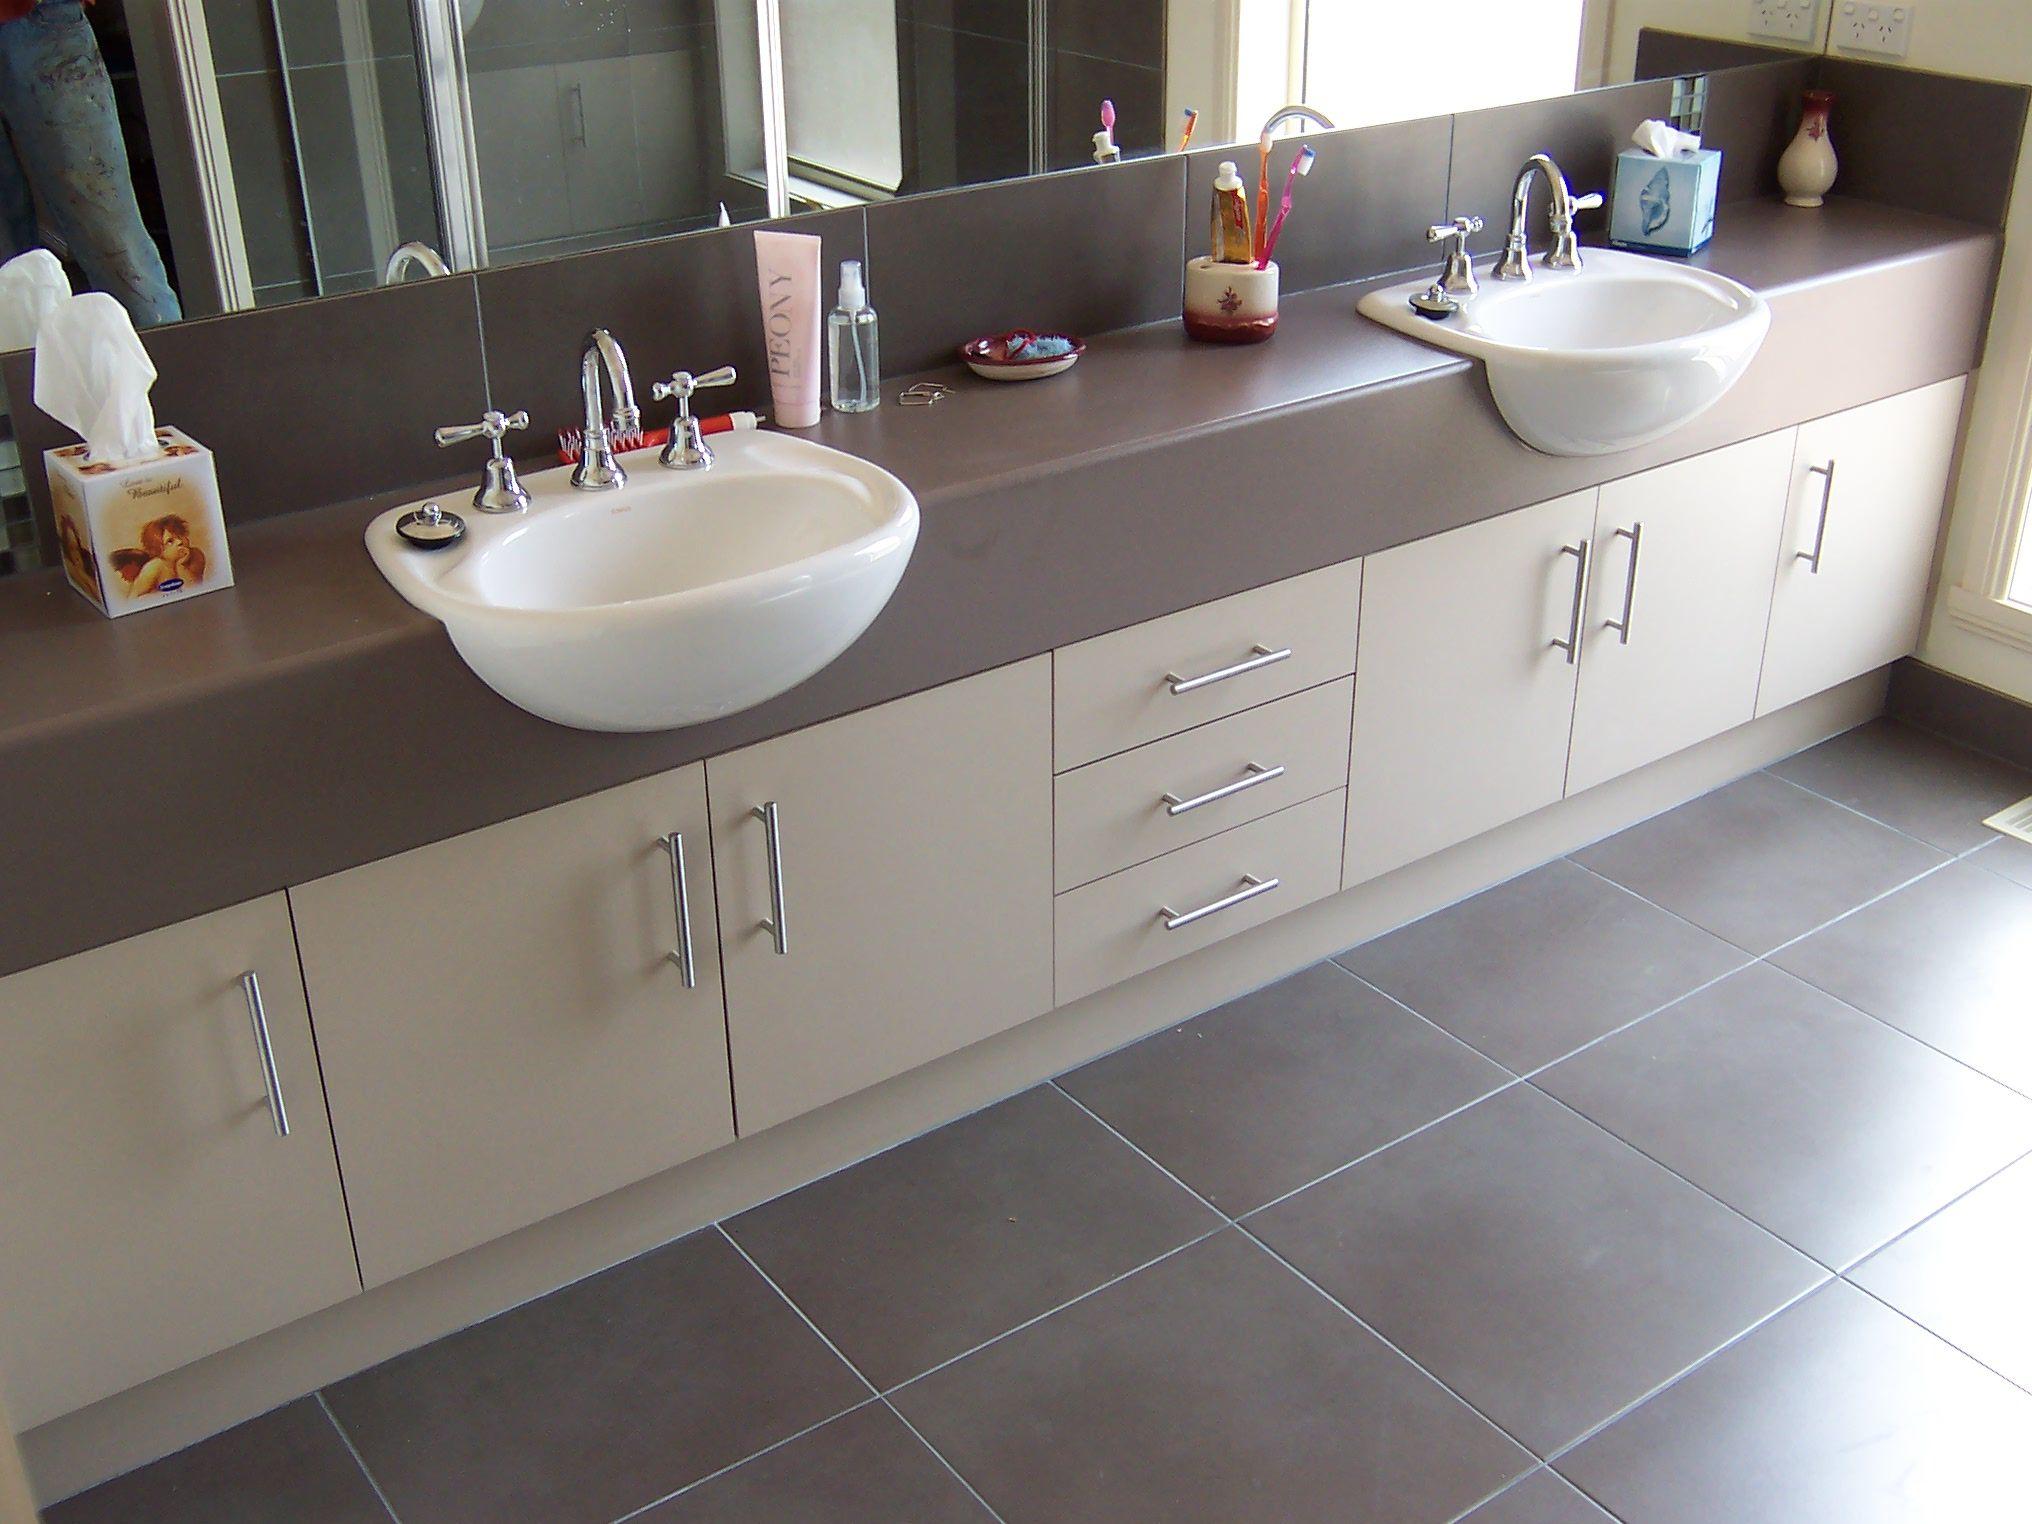 Ensuite vanity by bourke 39 s kitchens semi recessed basins - Semi custom bathroom vanity cabinets ...